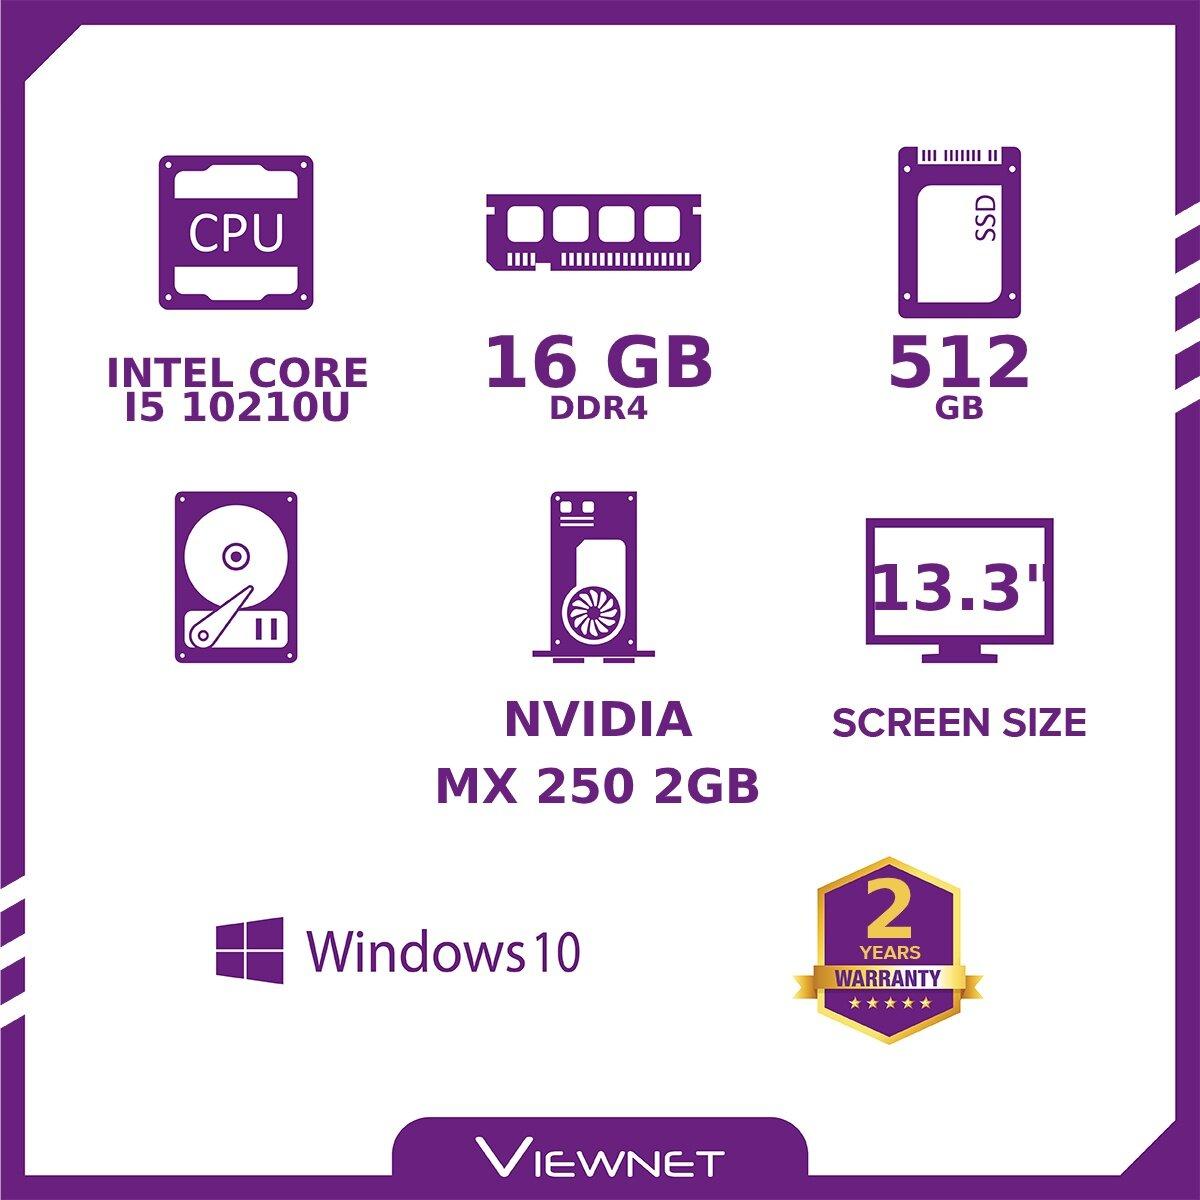 HUAWEI MATEBOOK 13 LAPTOP INTEL I5 10210U 16GB DDR4 512GB PCIE SSD MX250 2GB W10H 13